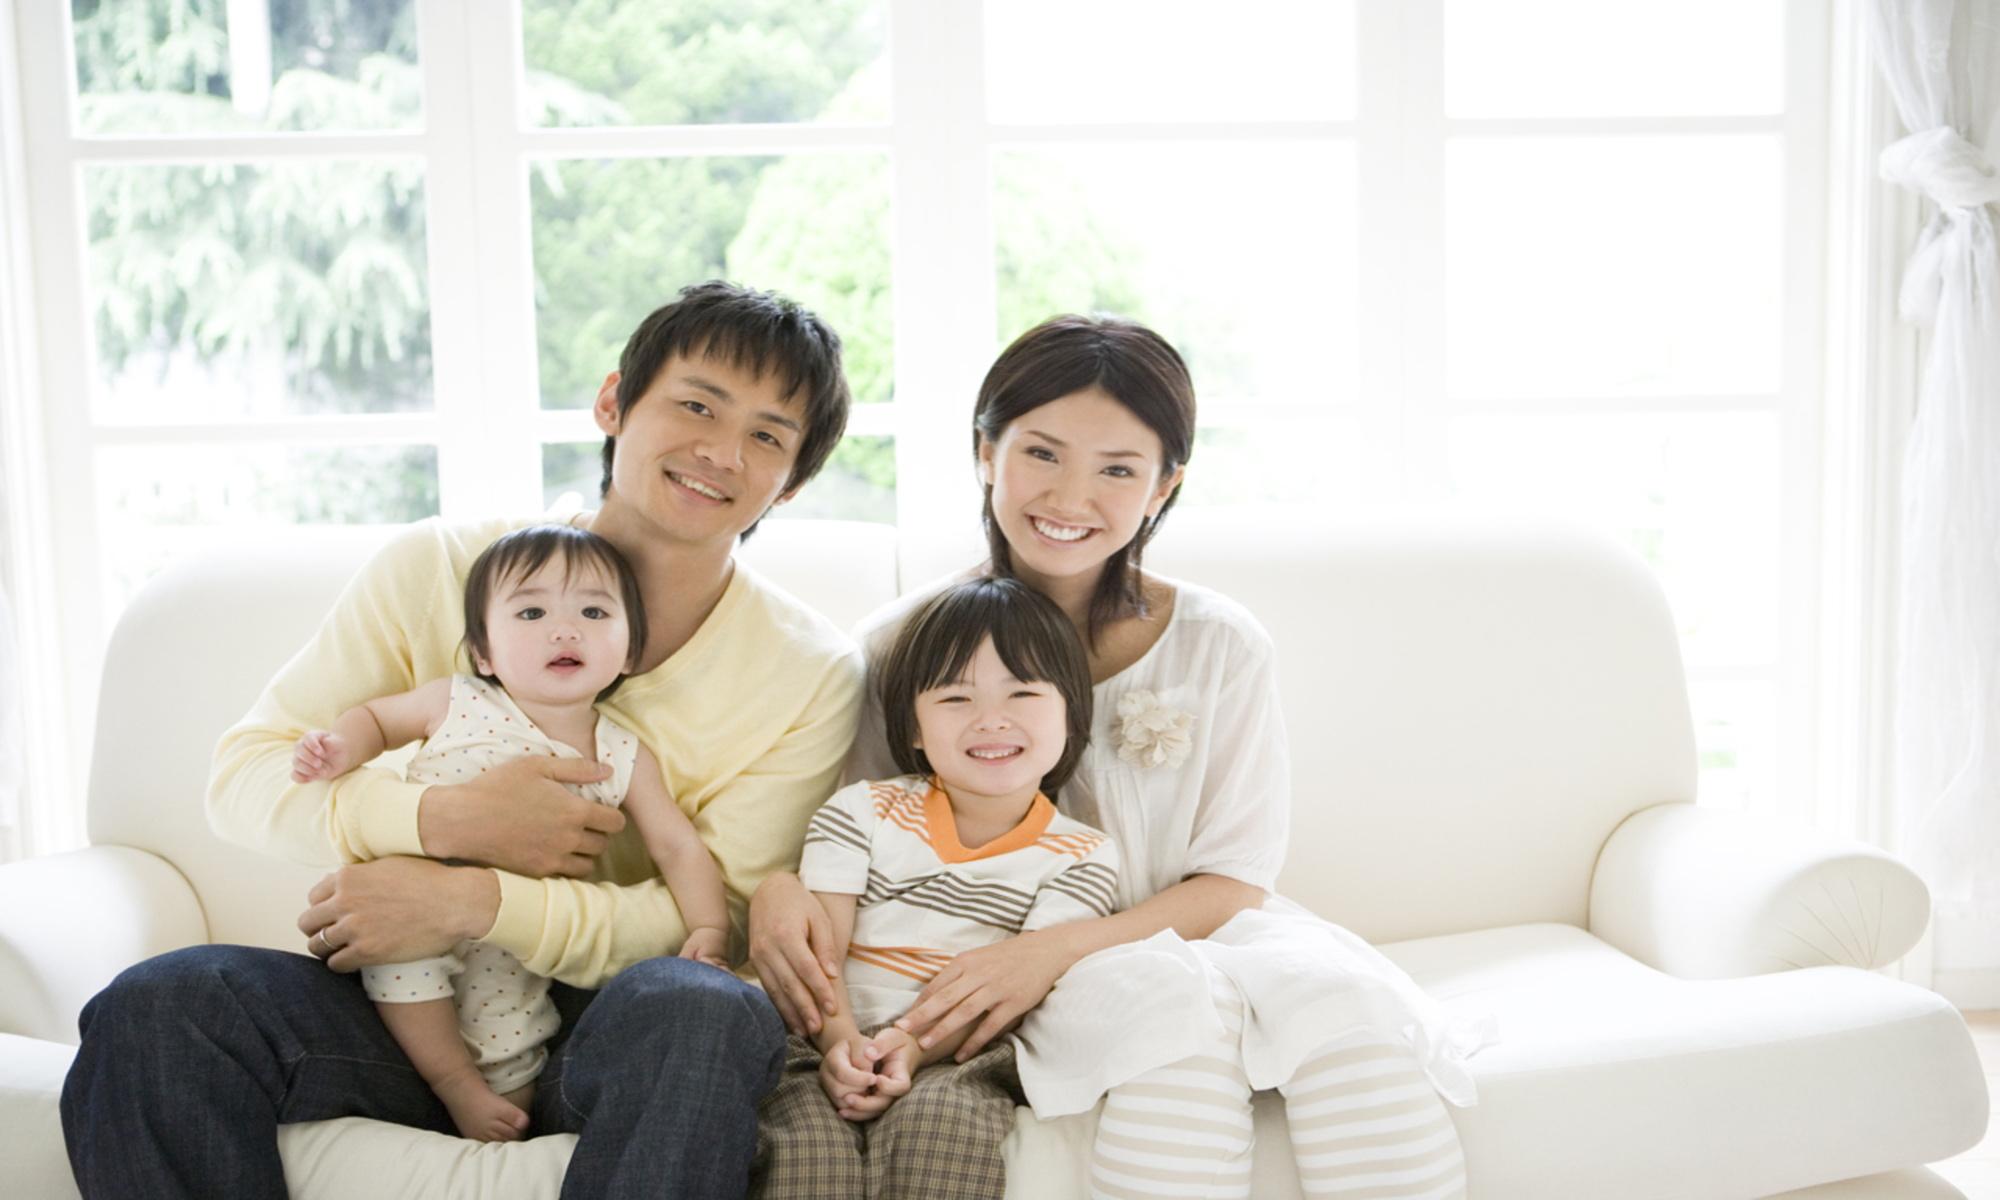 豊島区池袋の結婚相談所お見合いイメージ家庭家族